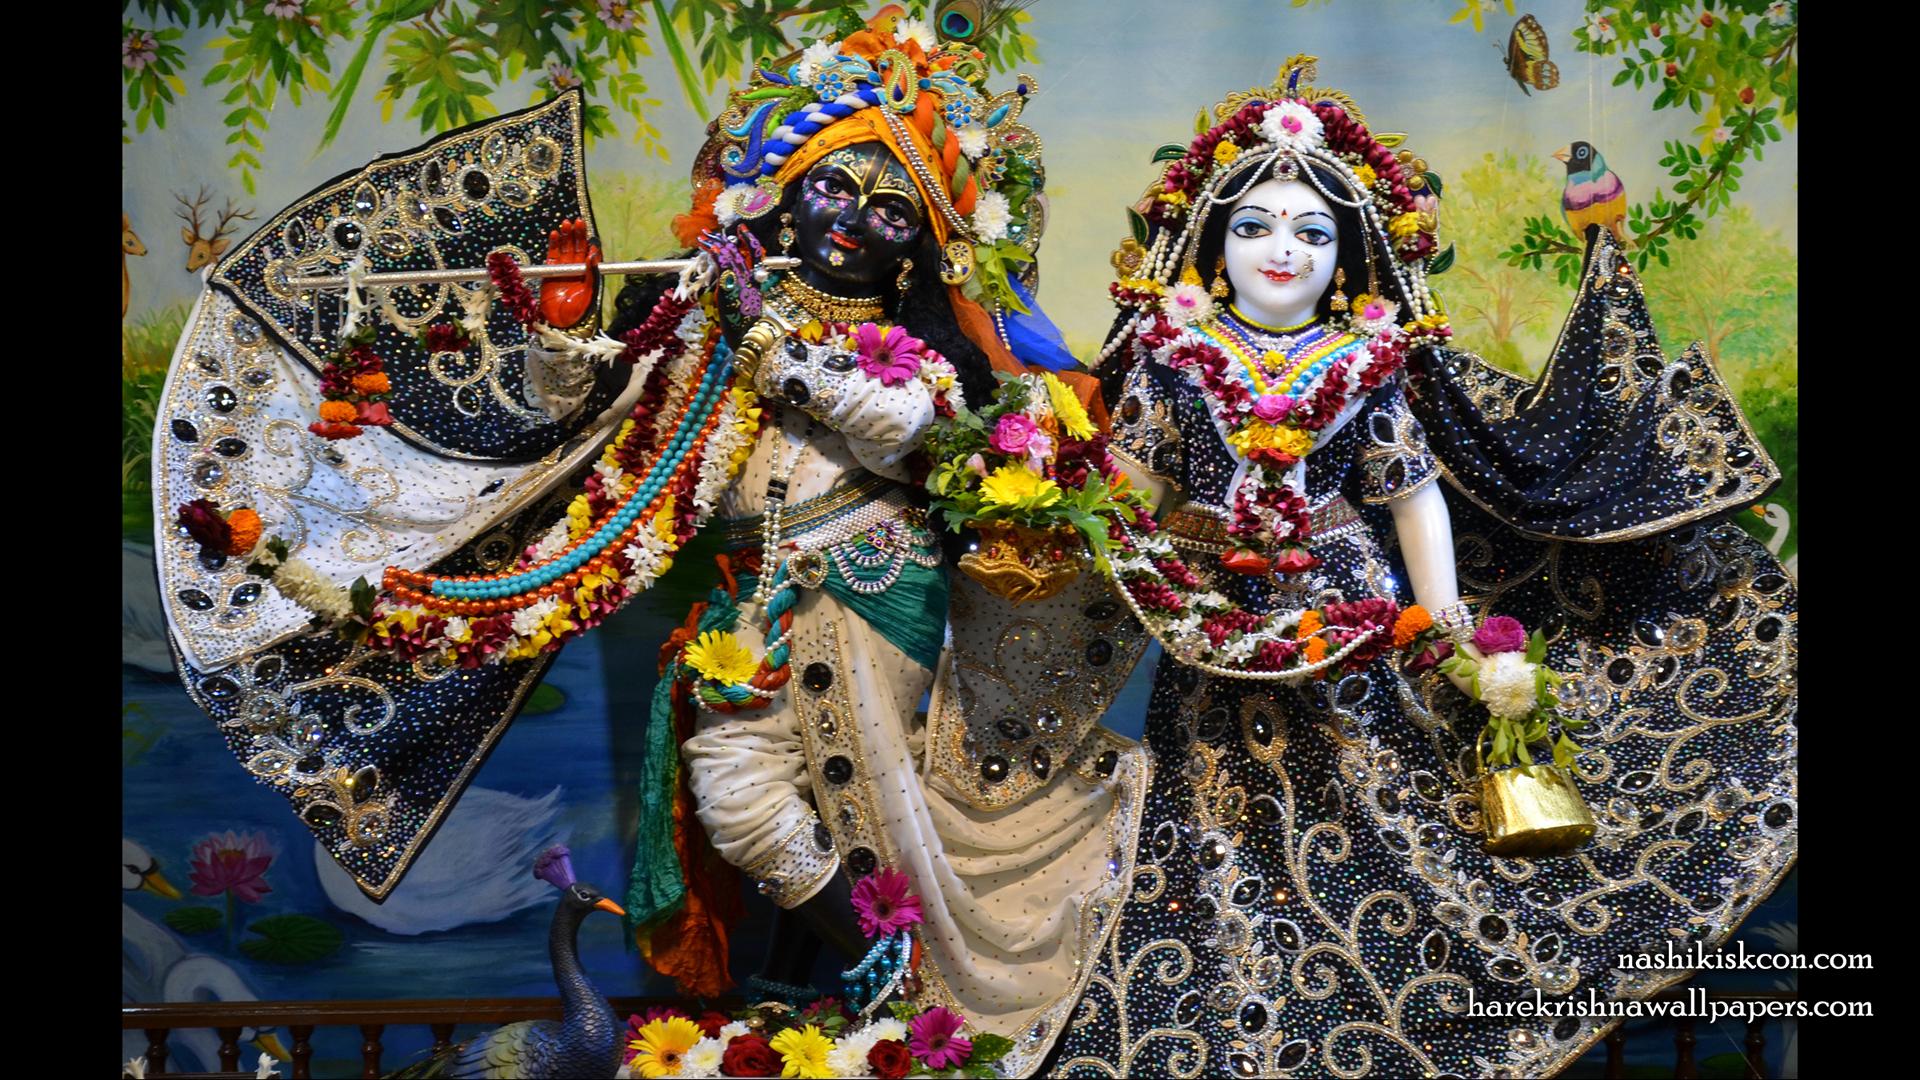 Sri Sri Radha Madan Gopal Wallpaper (012) Size 1920x1080 Download